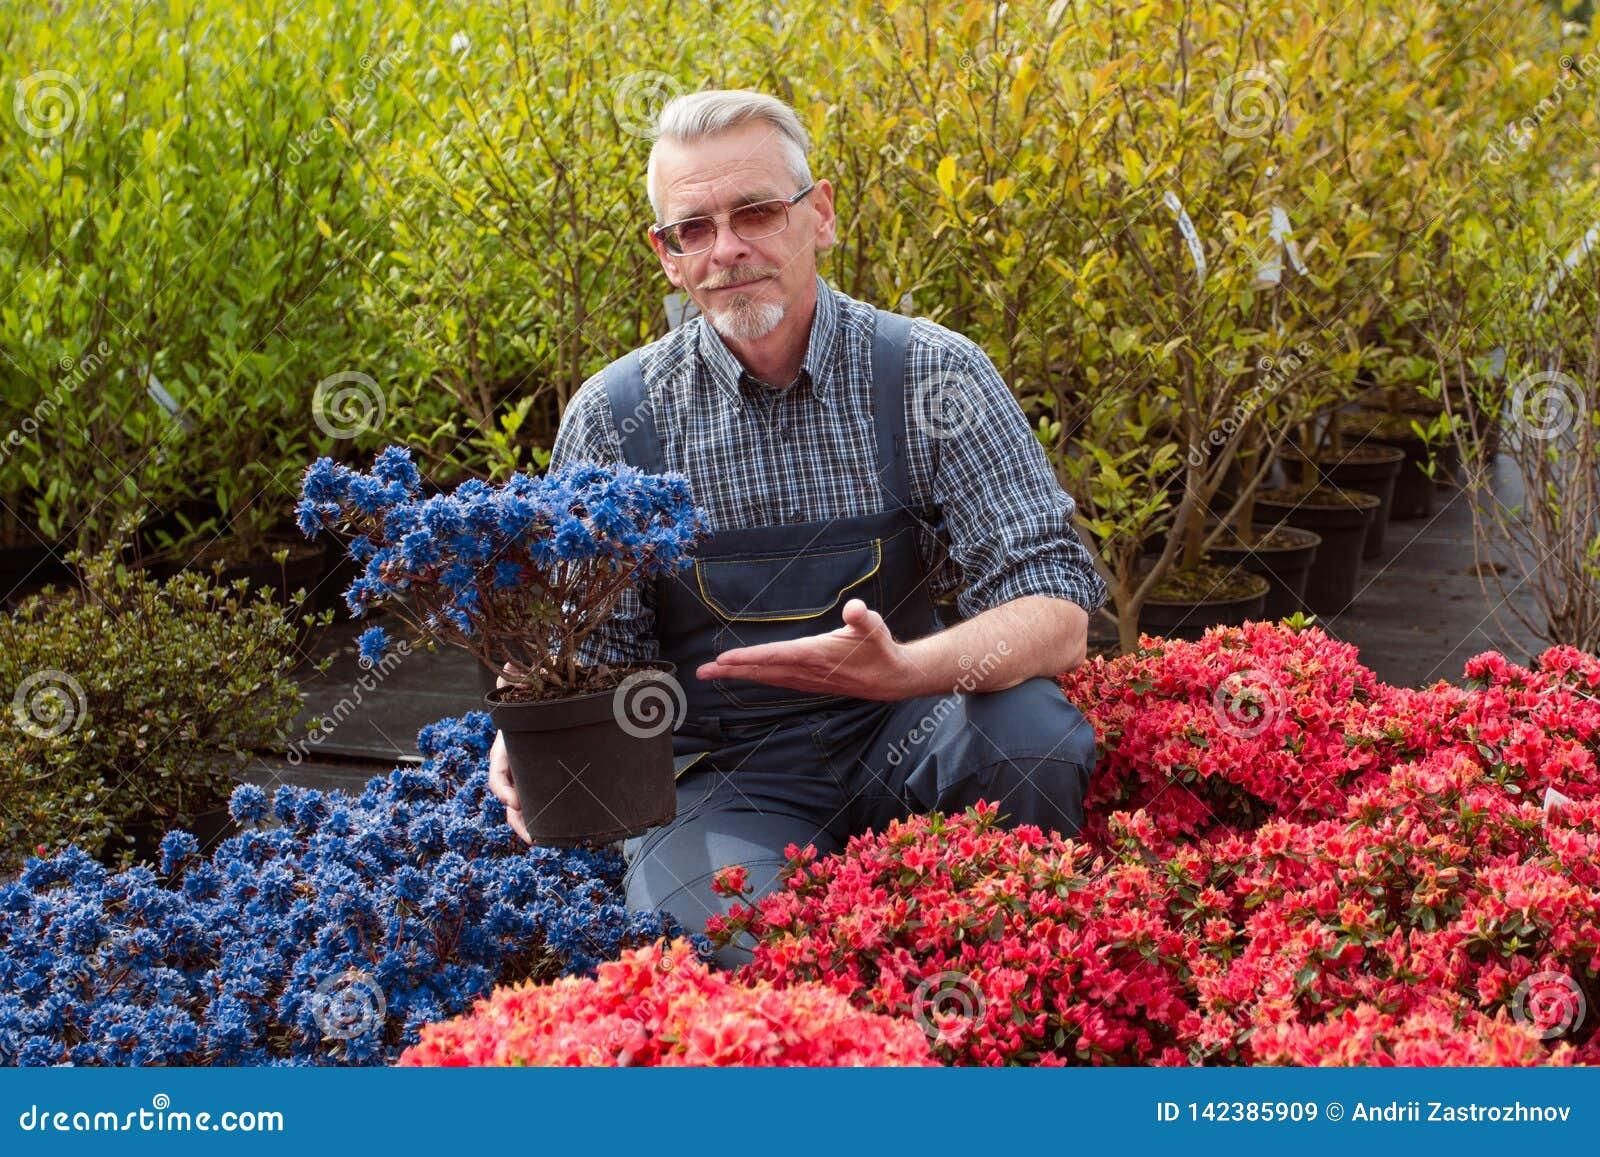 Managergarten-center nahe dem Geschäftsfenster mit Blumen Er hält einen Blumentopf